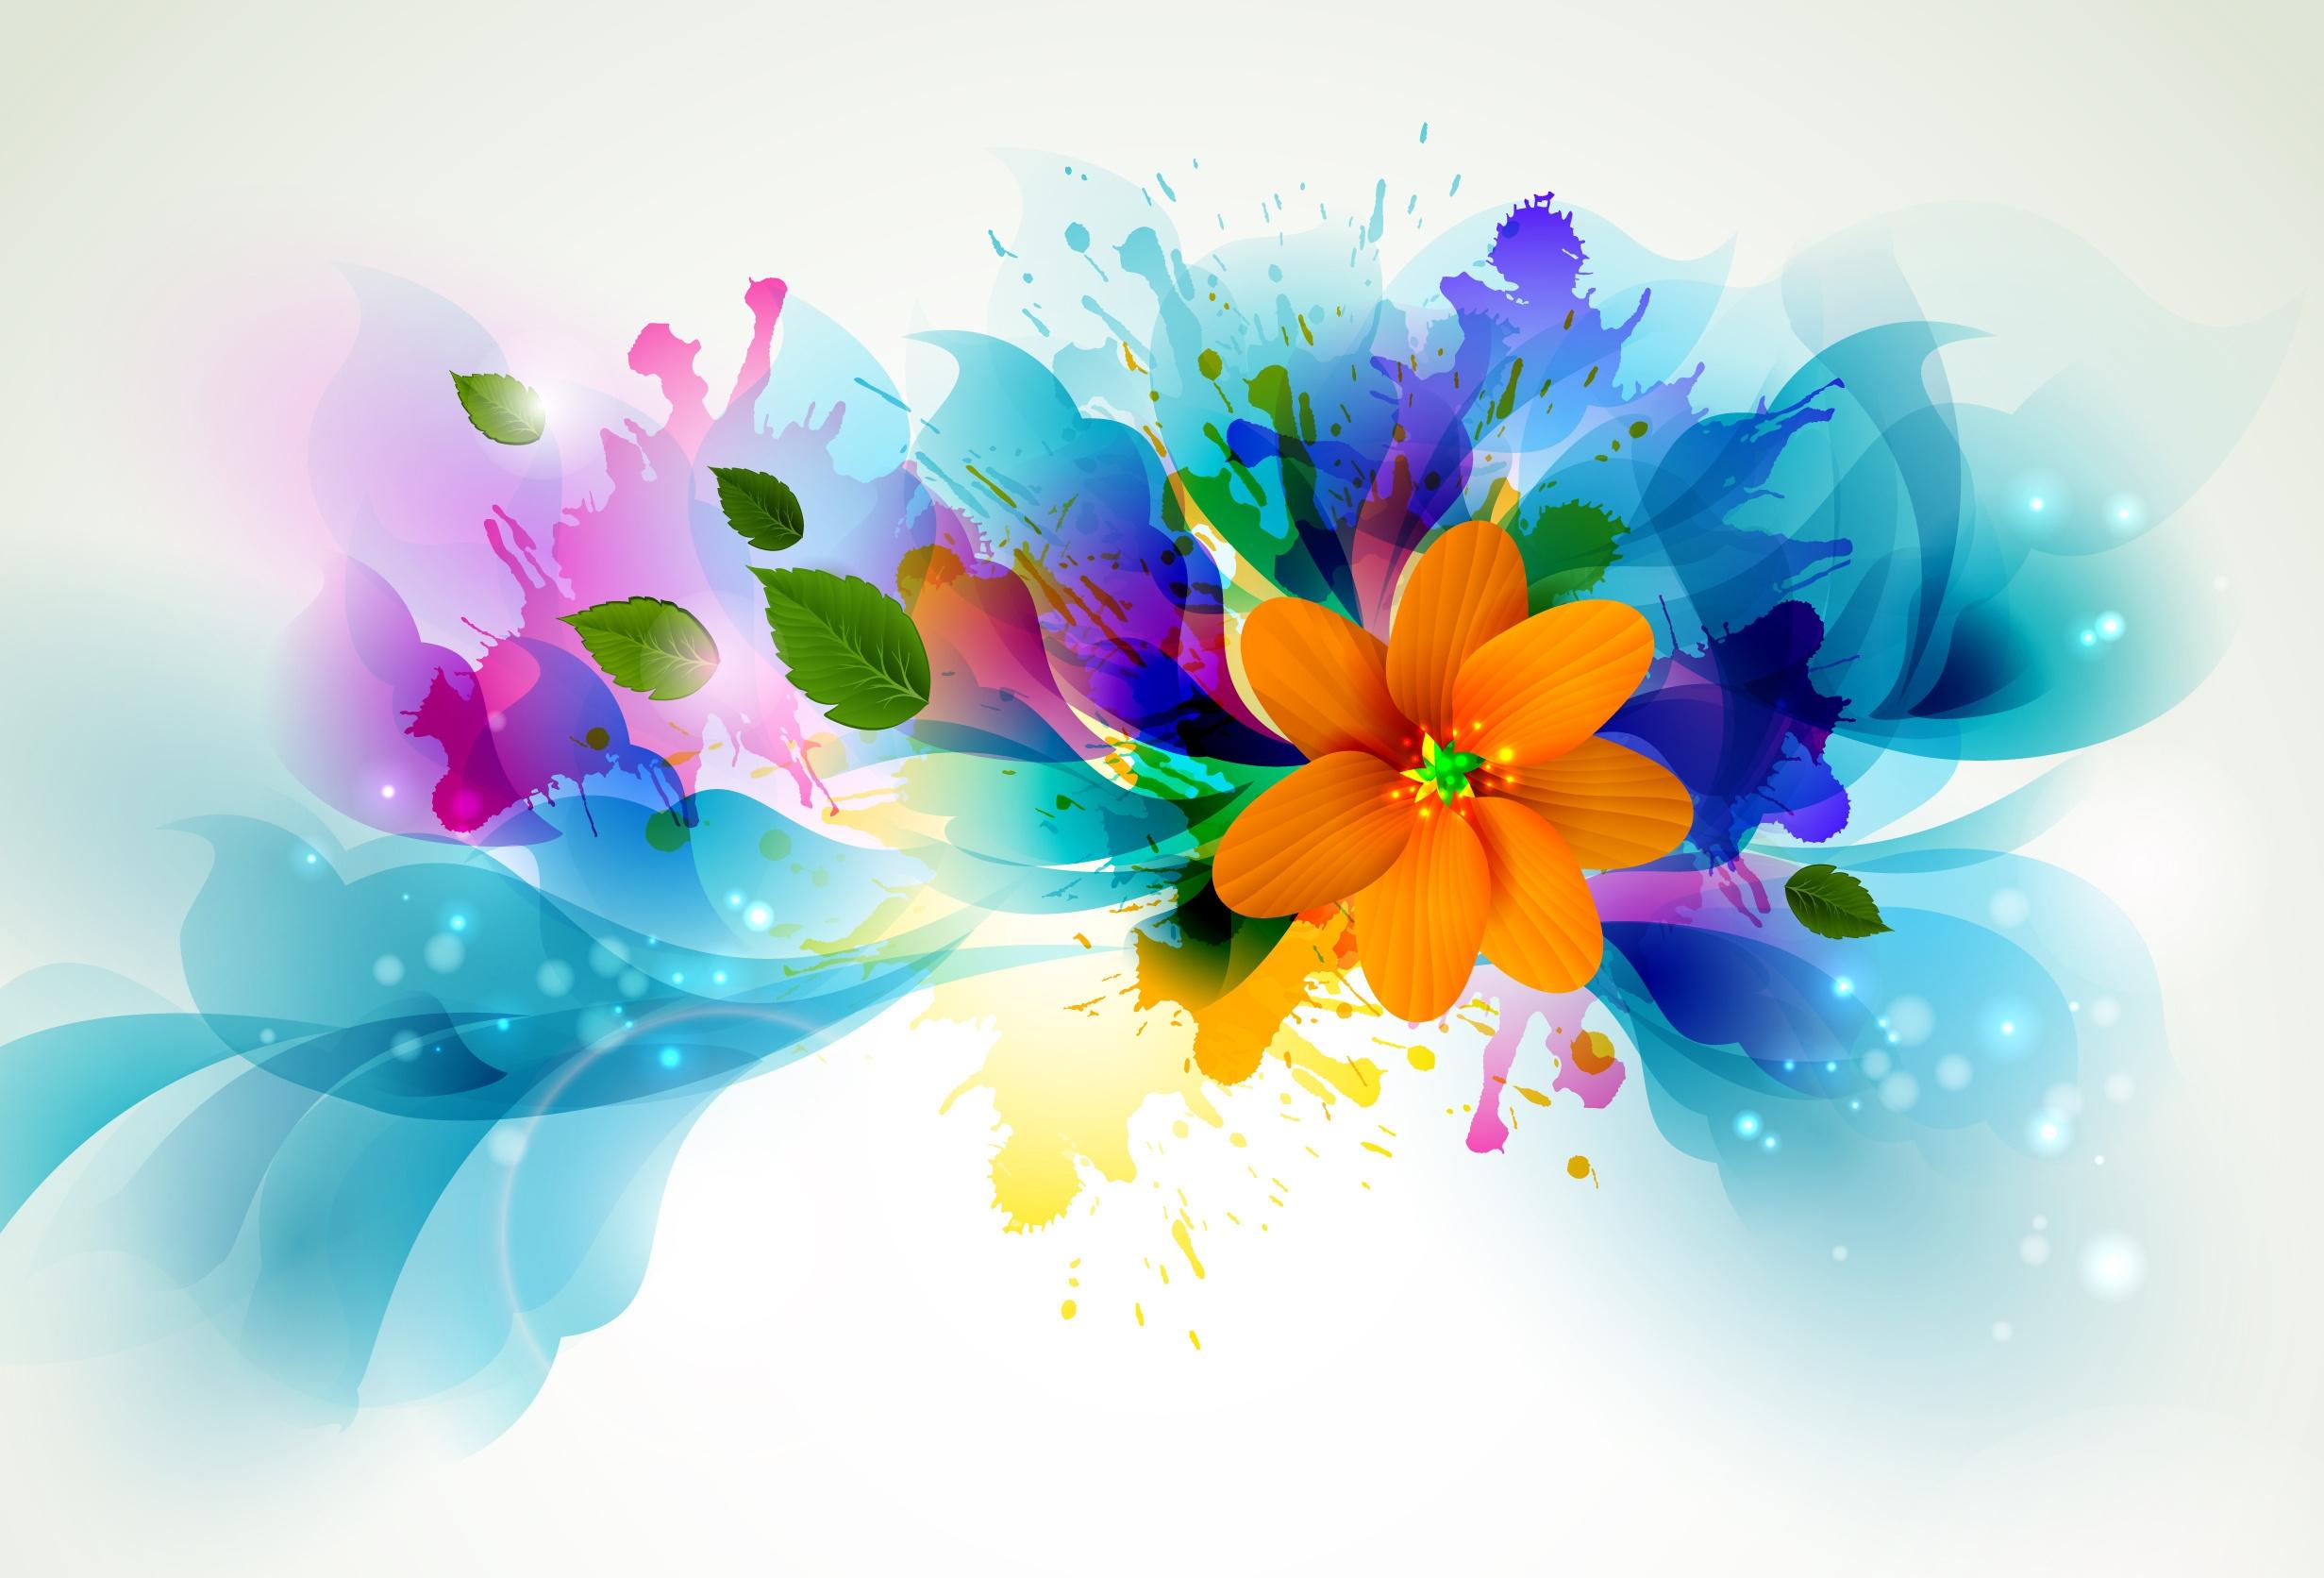 89653 Hintergrundbild herunterladen Vektor, Blume, Blütenblätter, Farbe - Bildschirmschoner und Bilder kostenlos